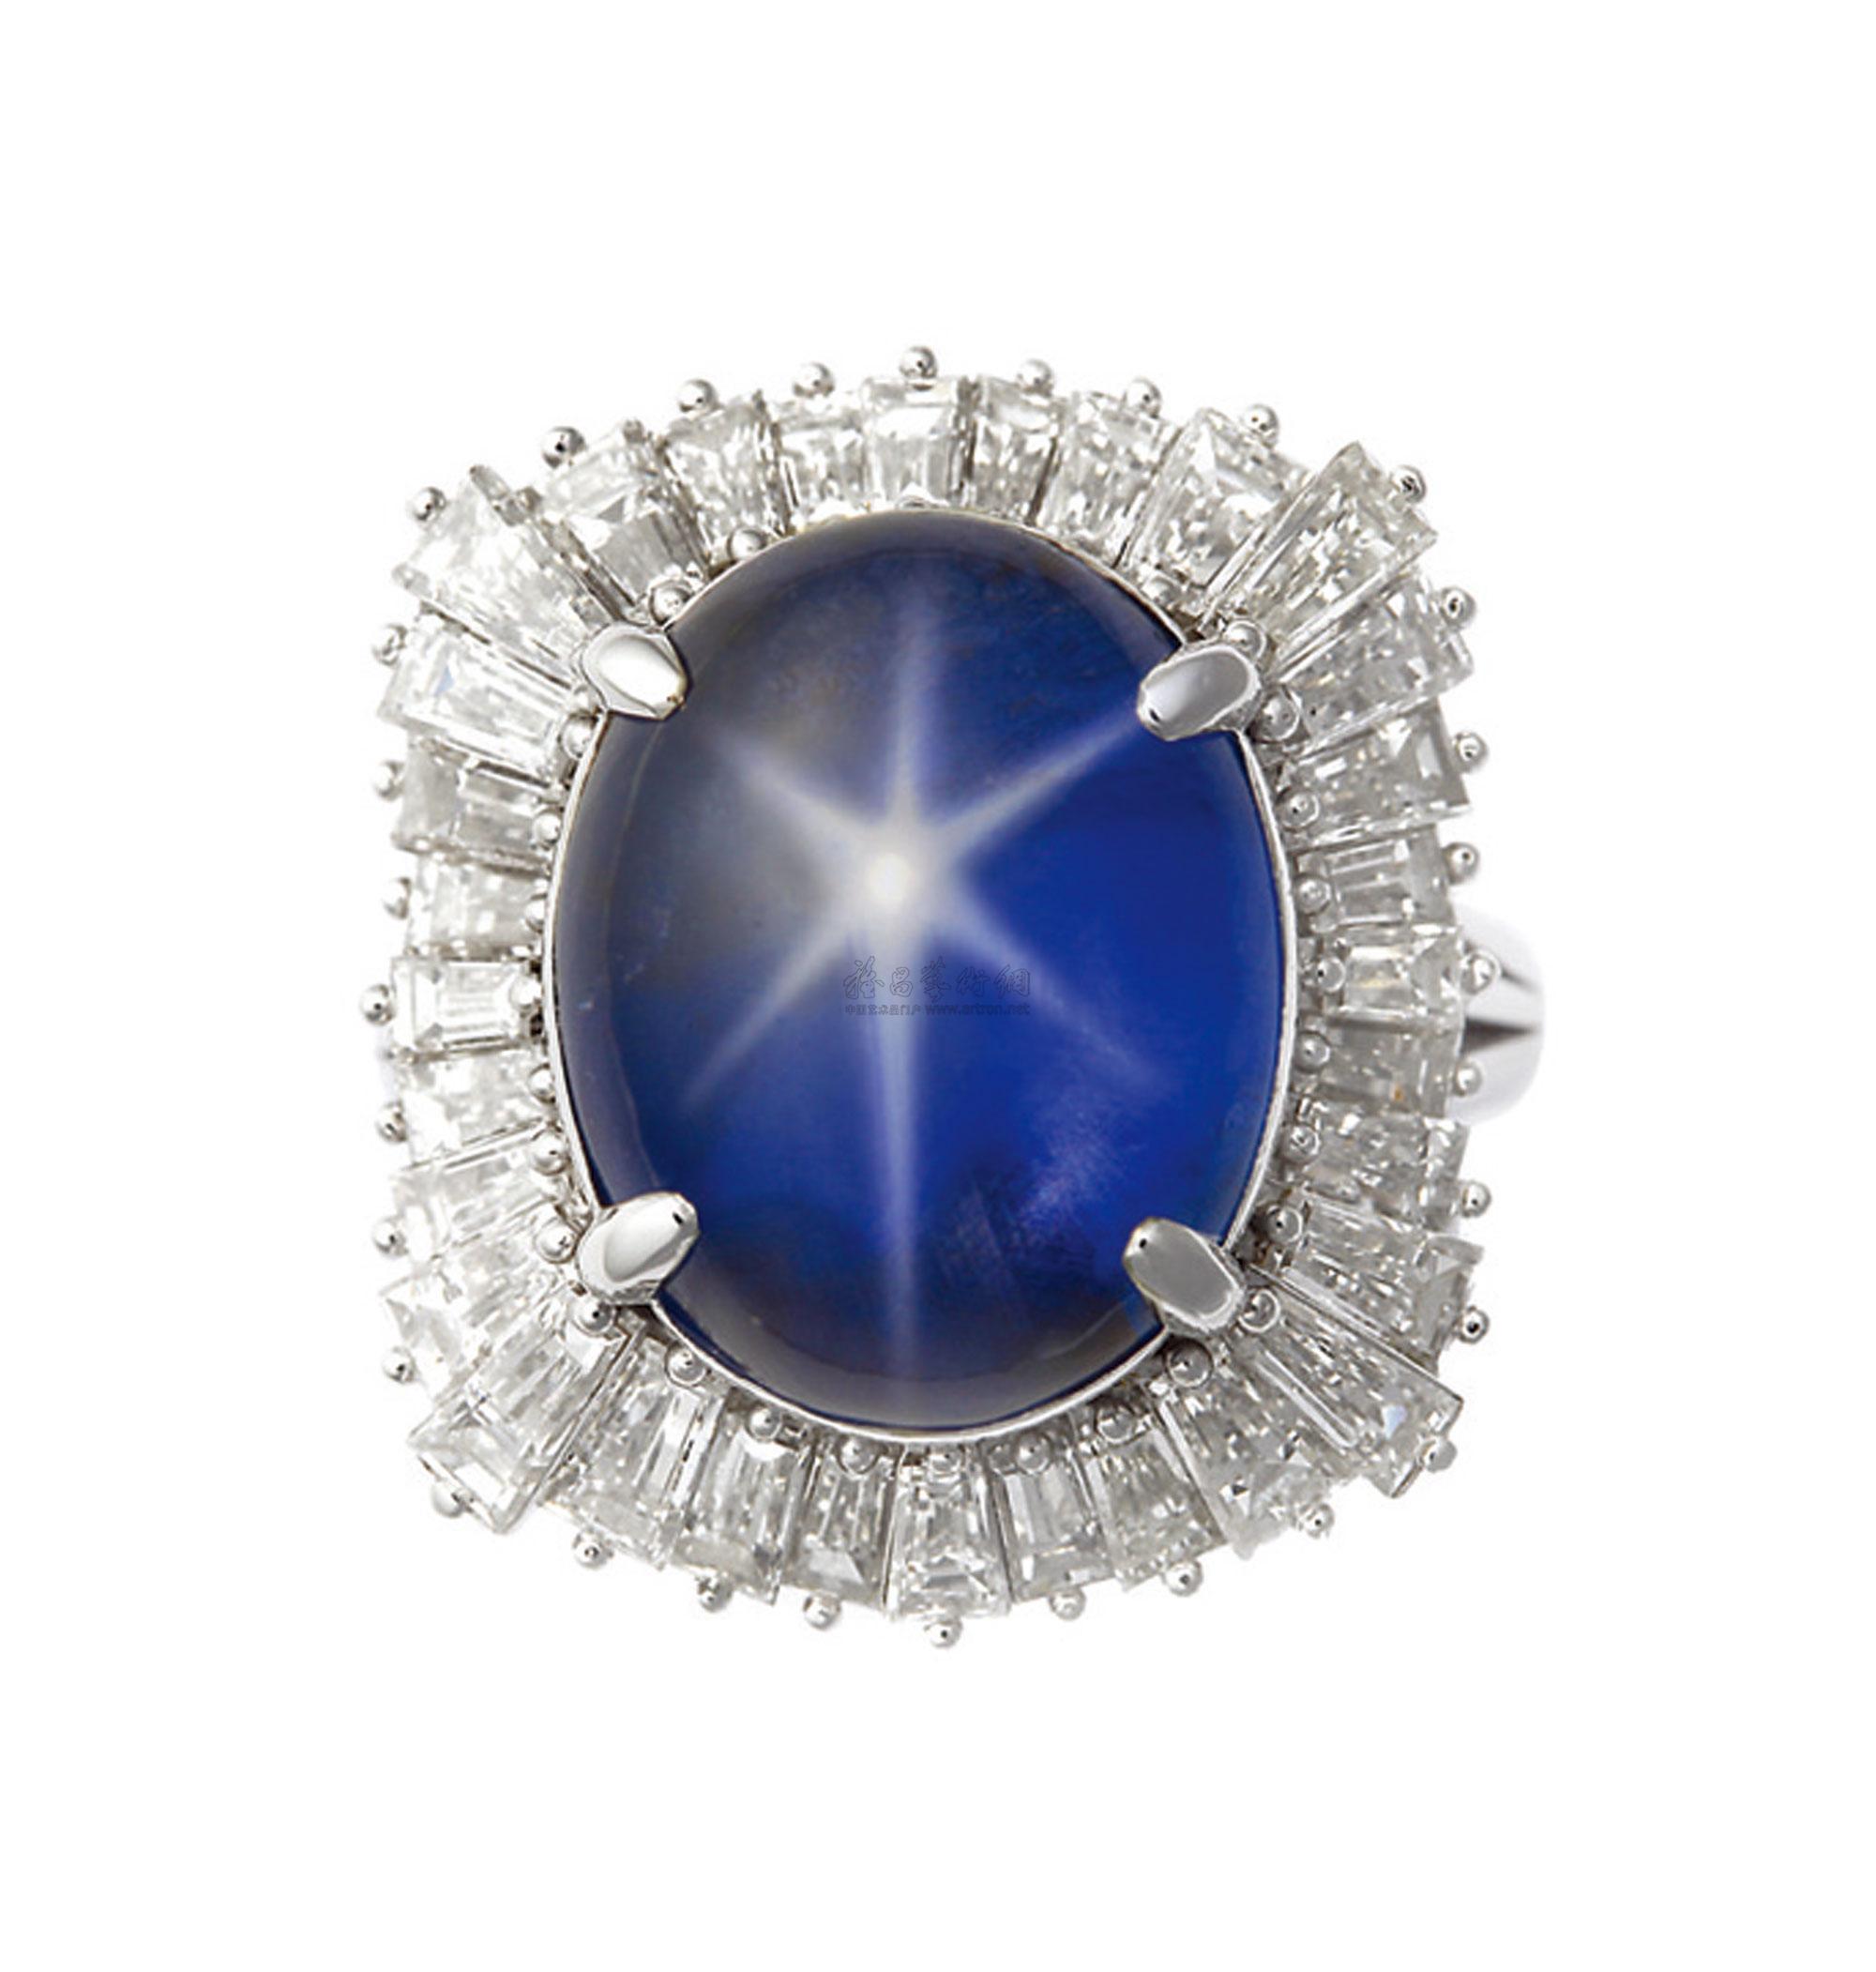 蓝宝石与钻石如何搭配设计